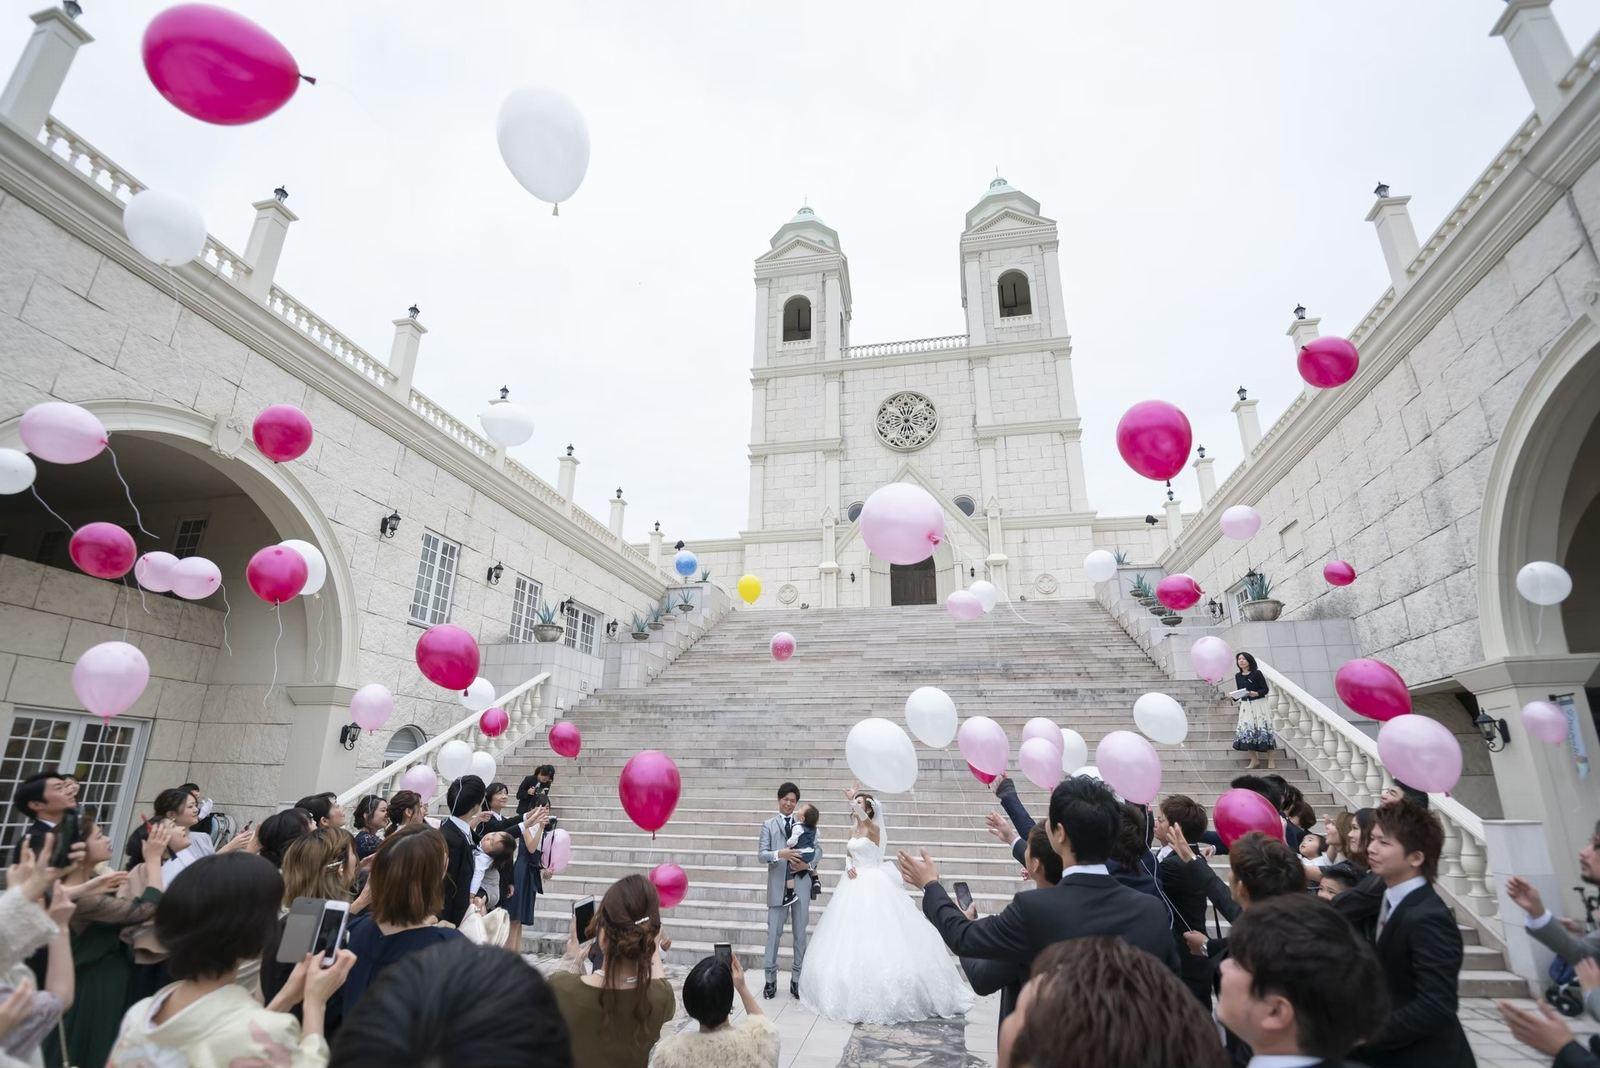 香川県の結婚式場シェルメール&アイスタイルのバルーンリリース